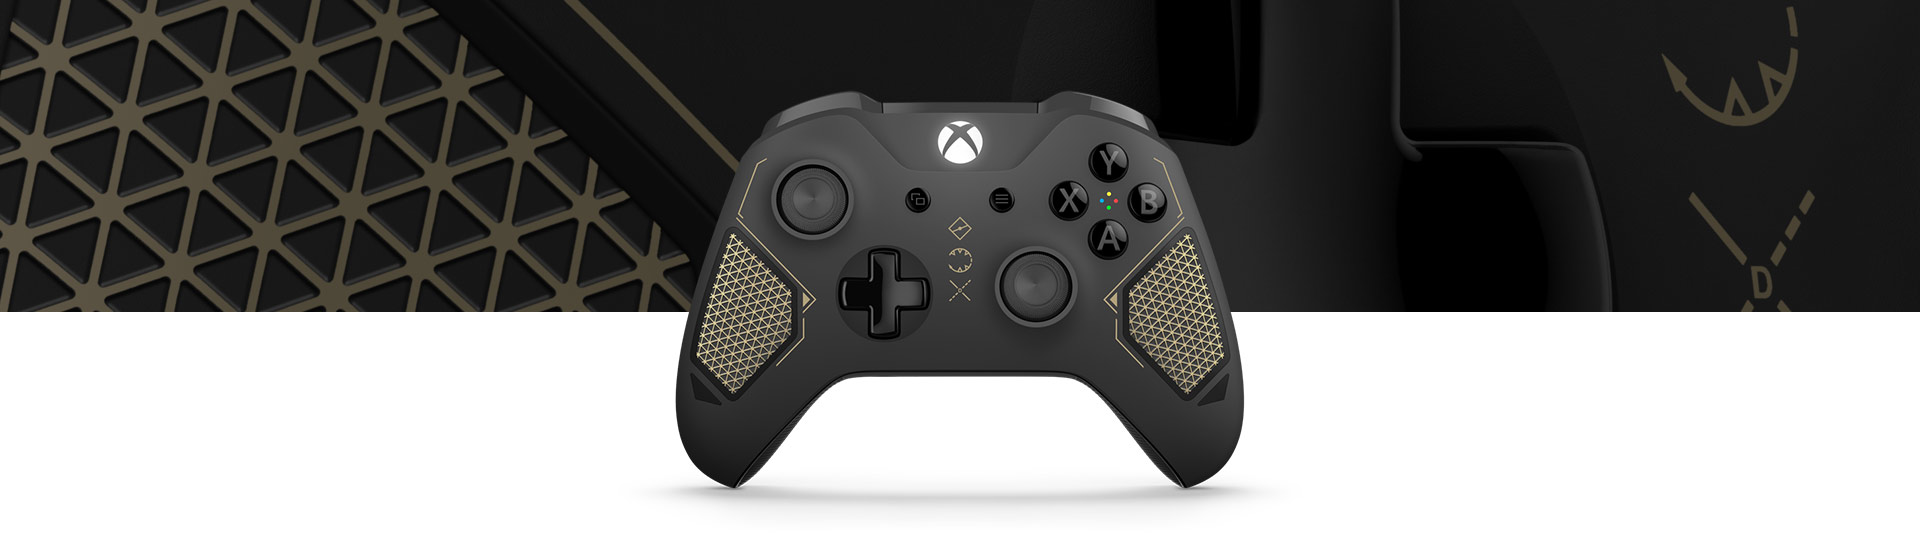 Recon Tech Special Edition-controller til Xbox